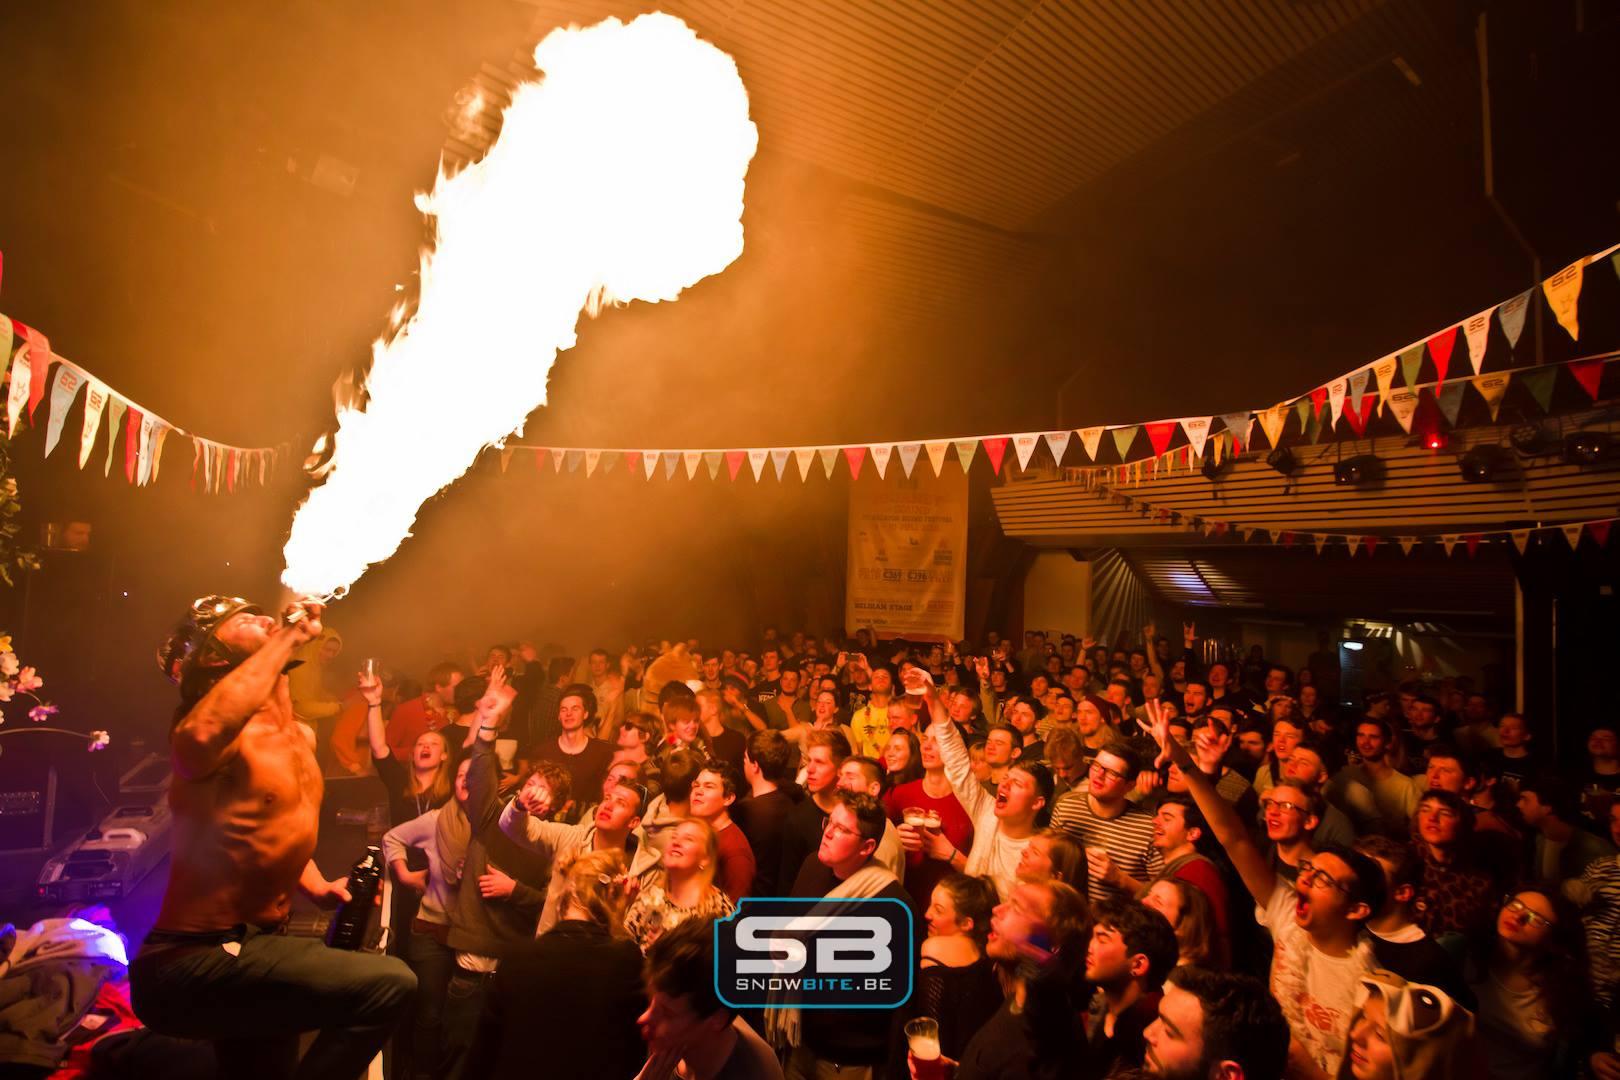 Parties#geheimzinnige feestjes op geheimzinnige plaatsen